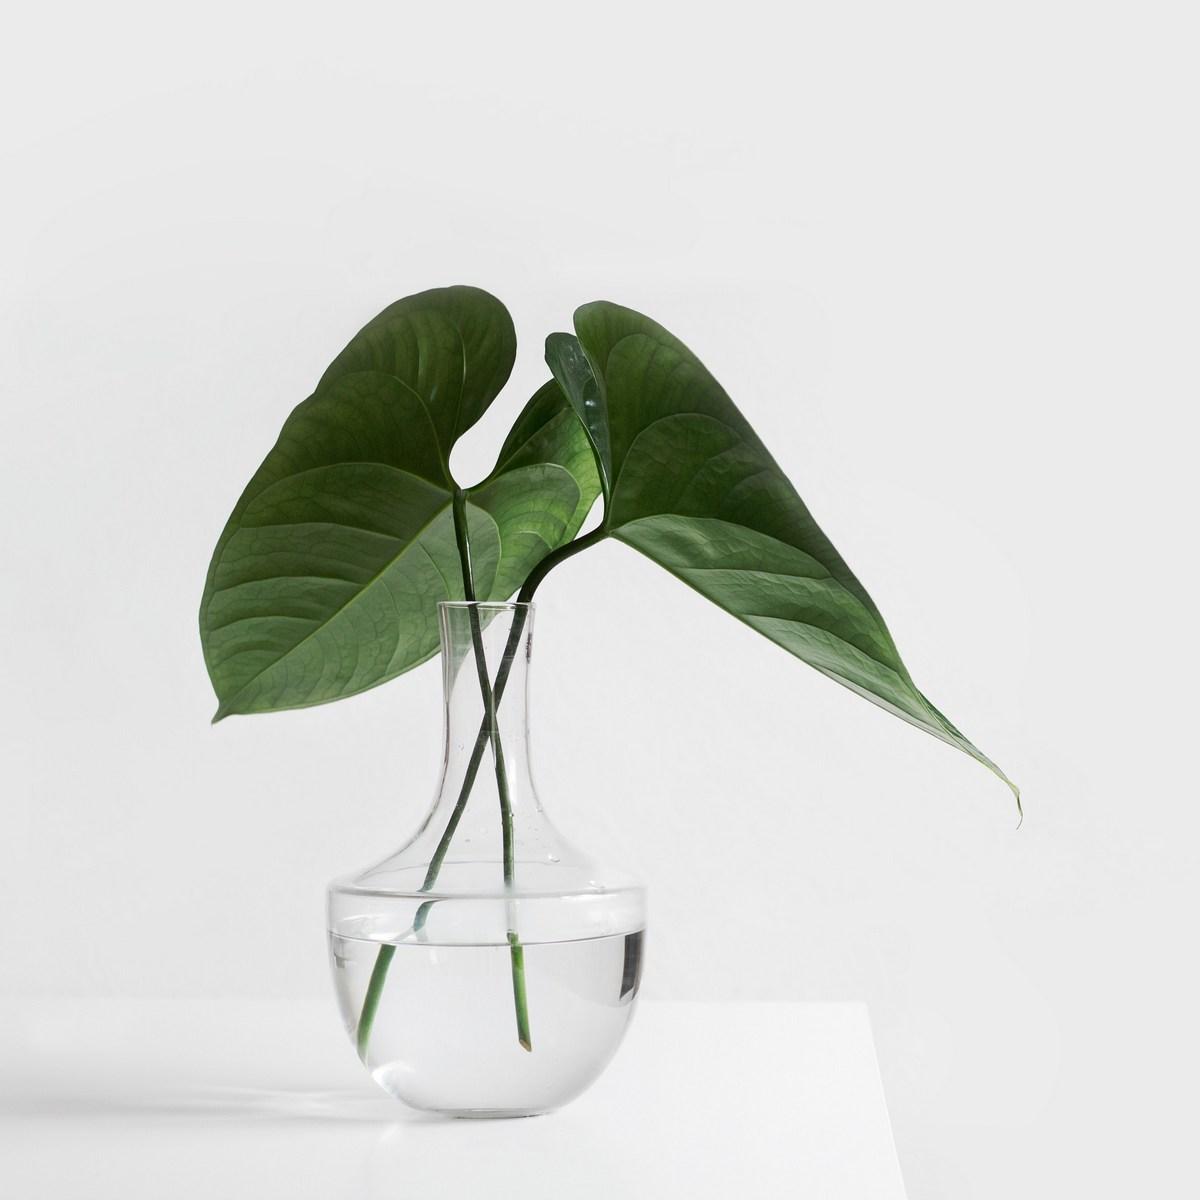 Vase mit Blättern Placeholder